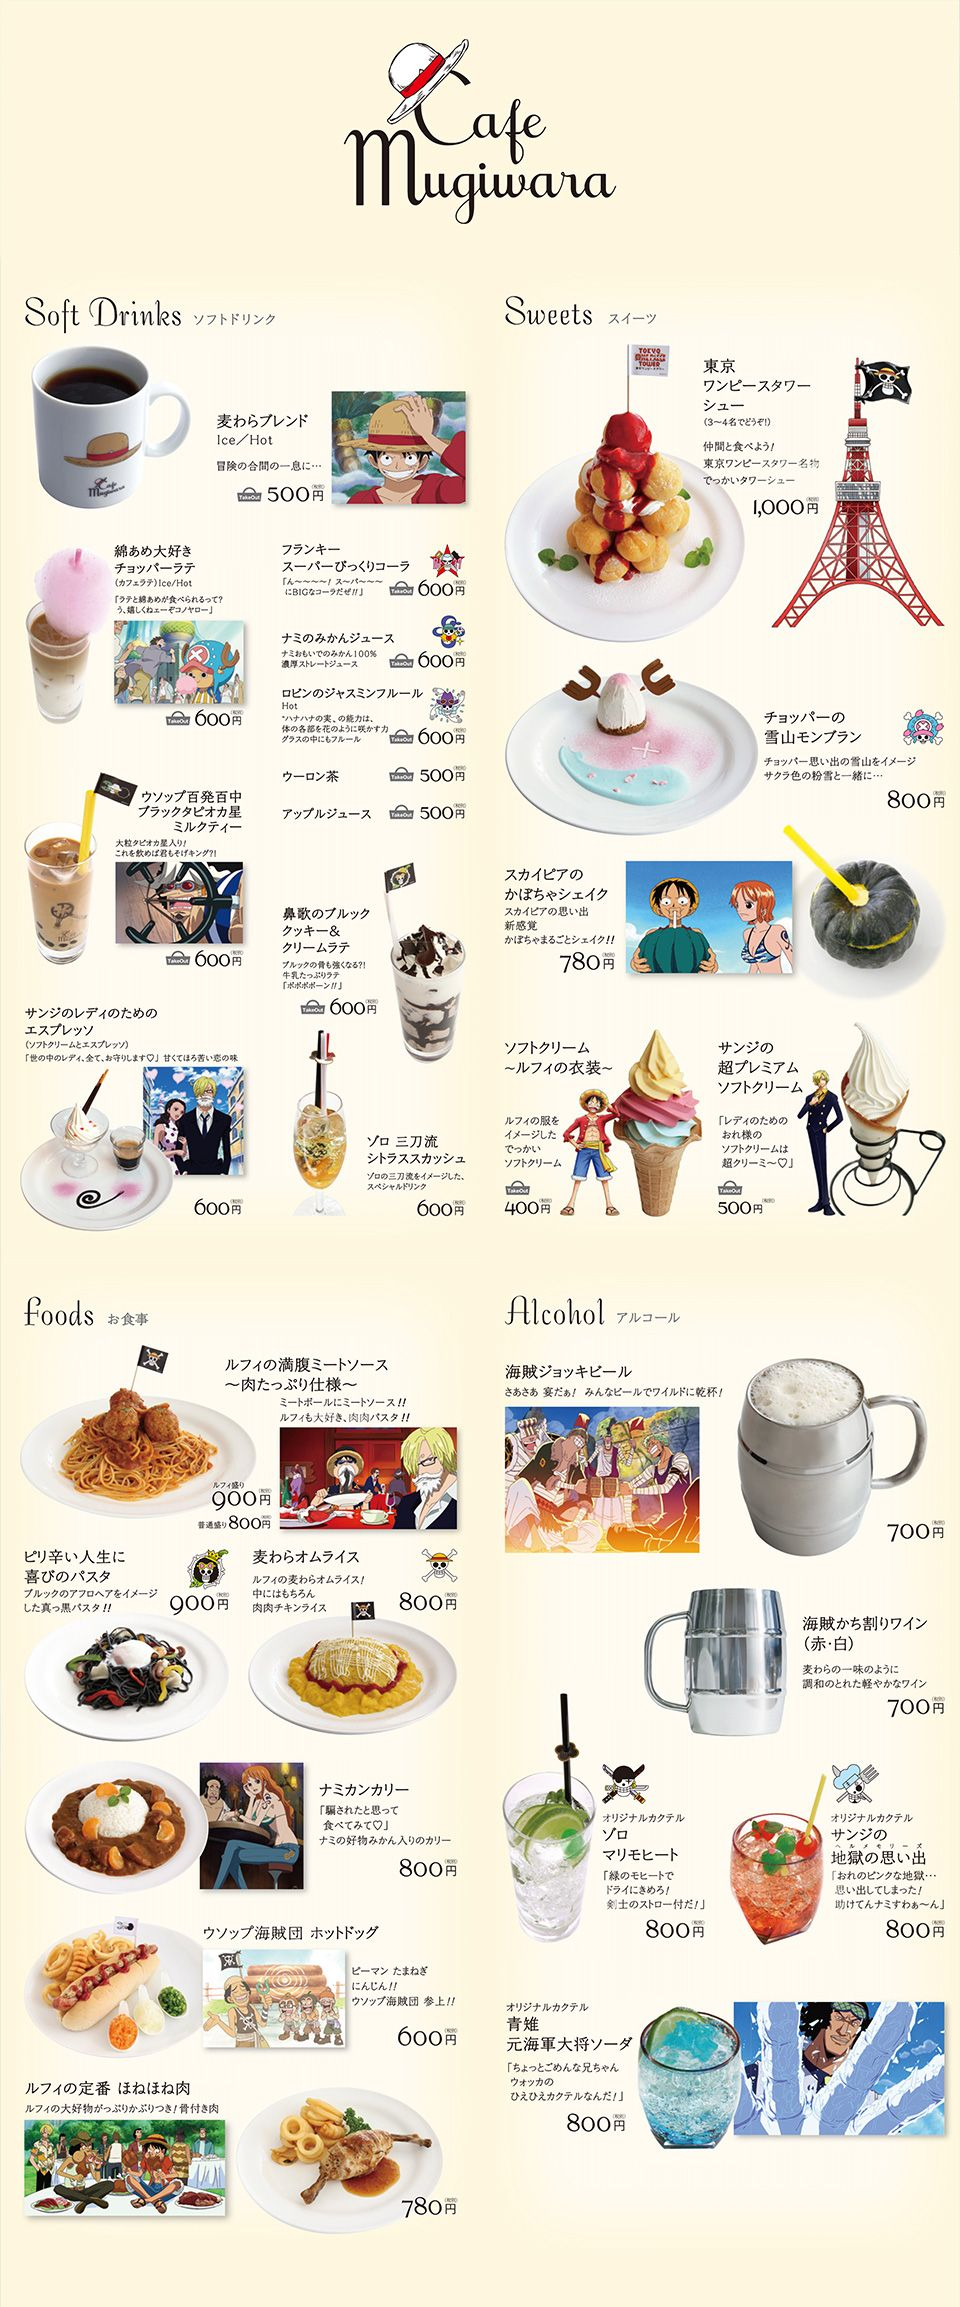 Cafe Mugiwara Menu Tokyo Food Menu Sweets